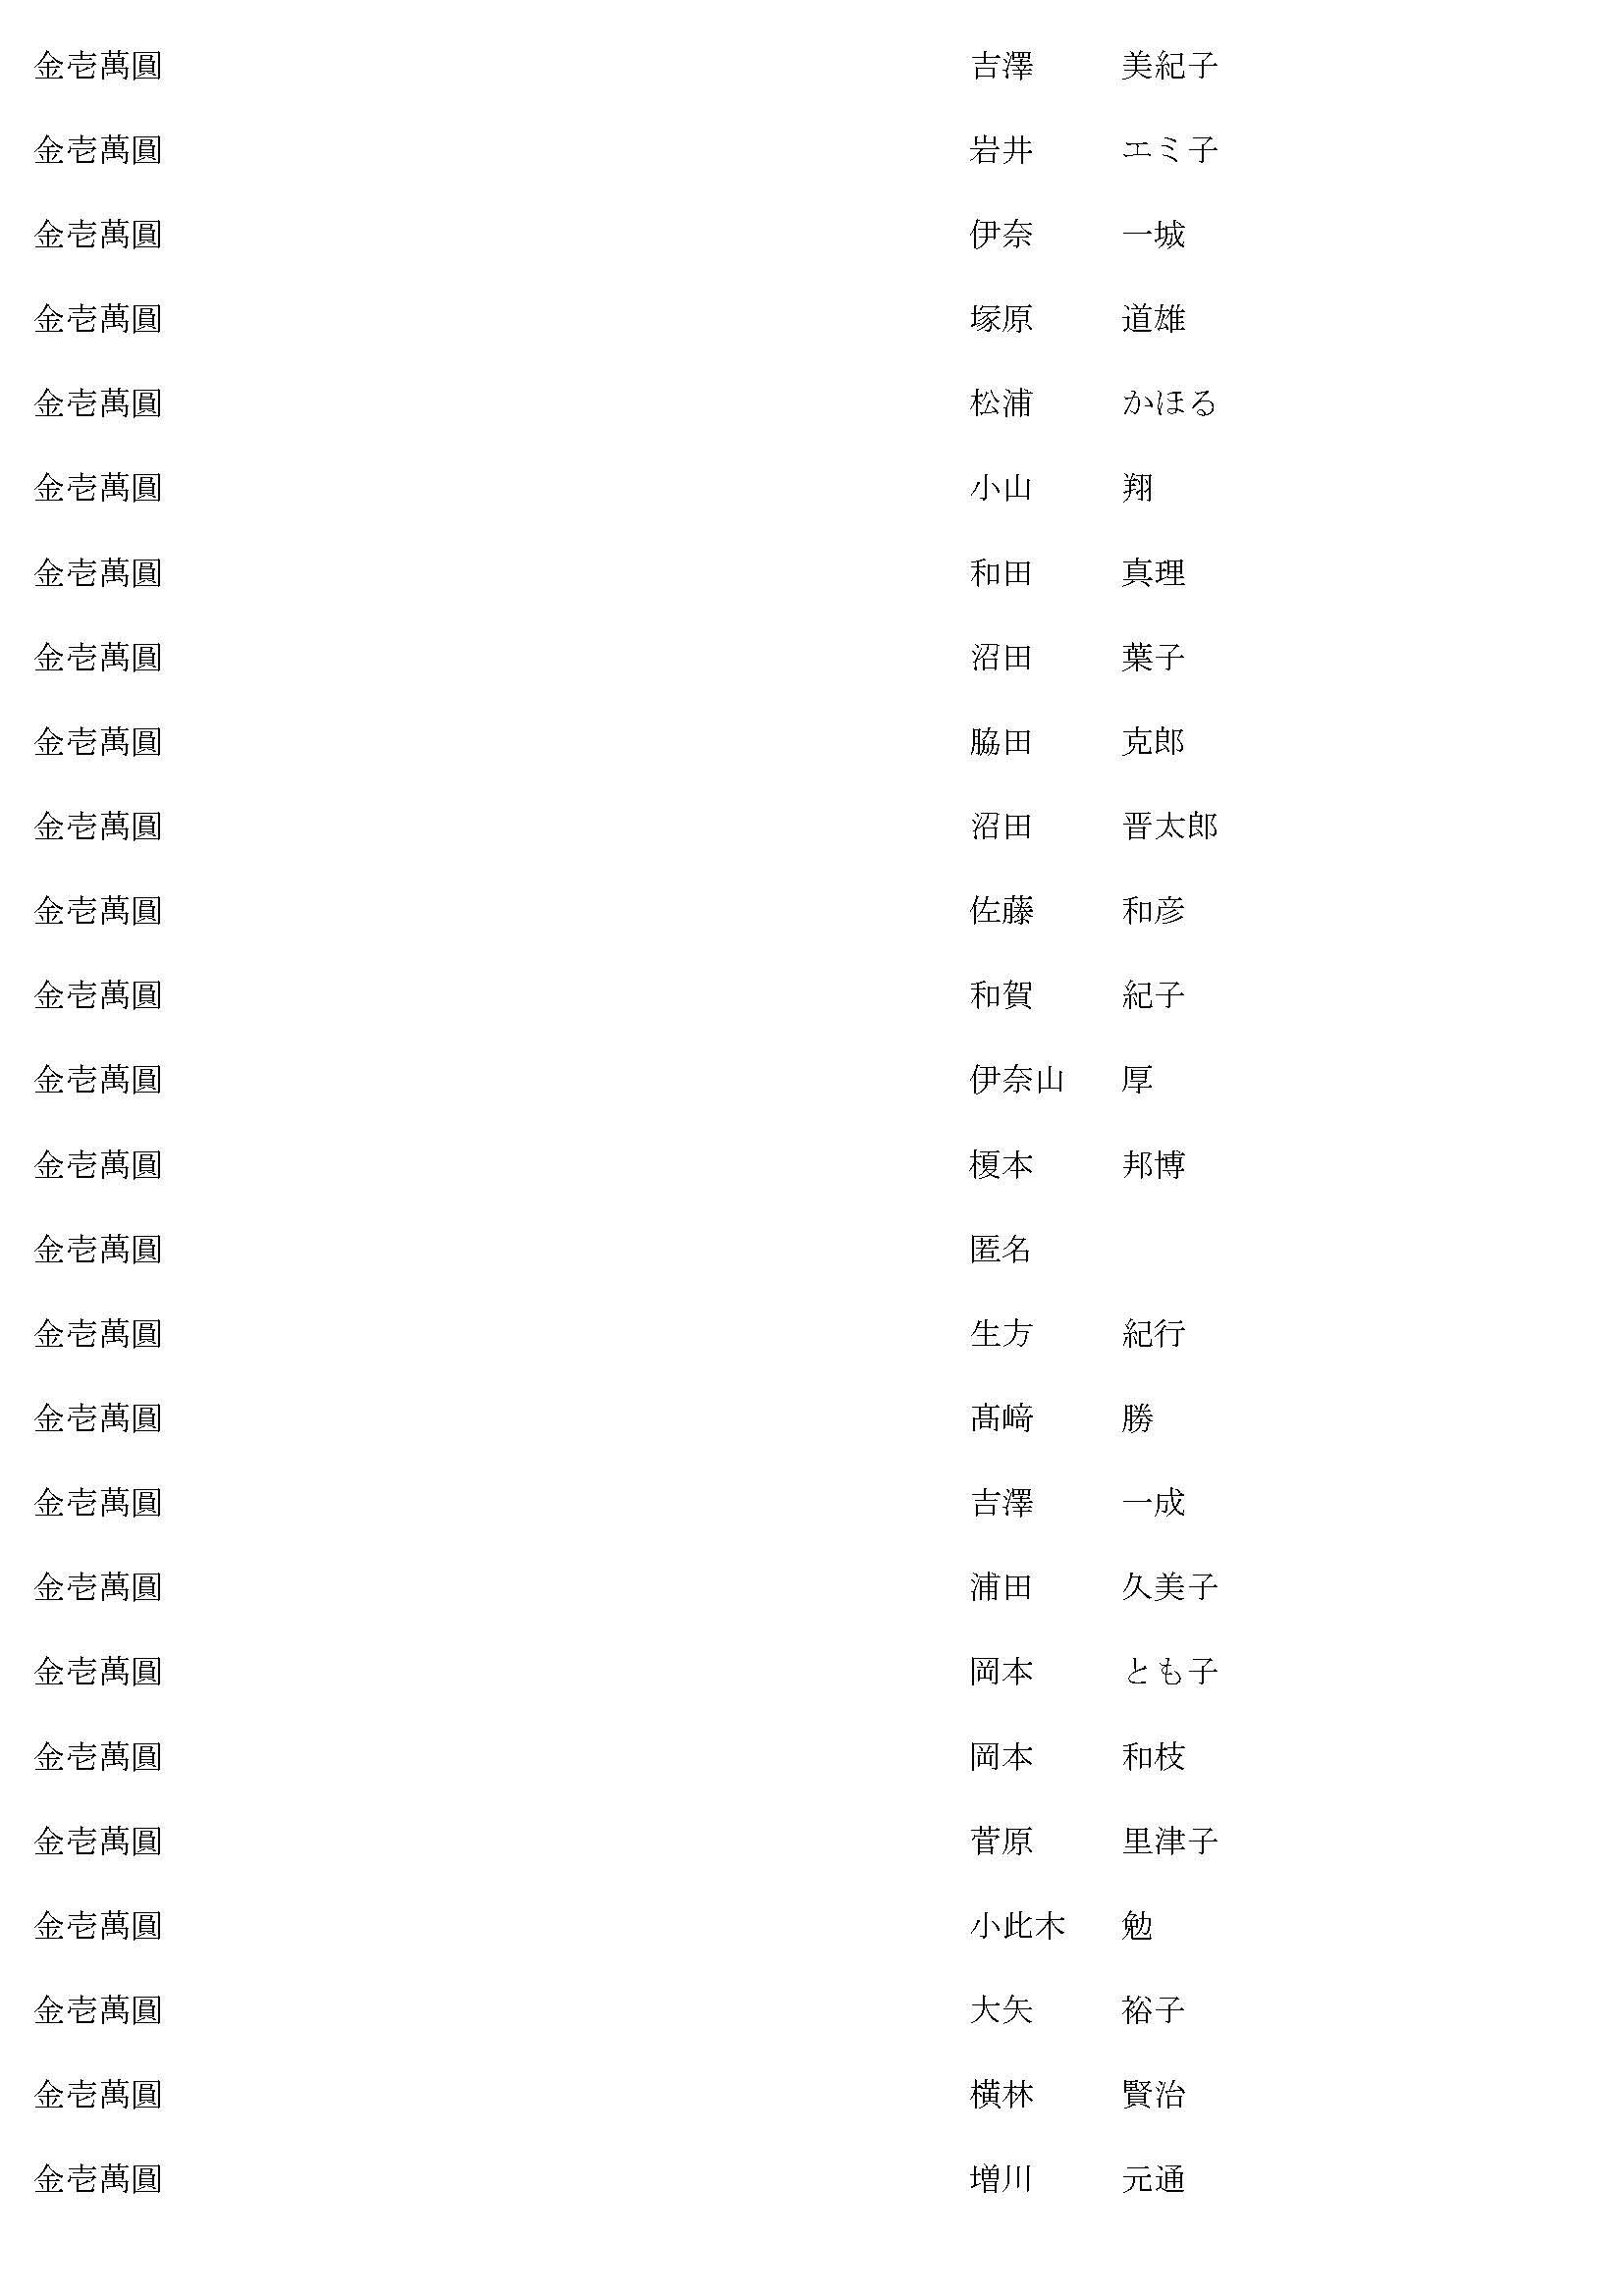 御鎮座七百年記念事業奉賛者御芳名簿11